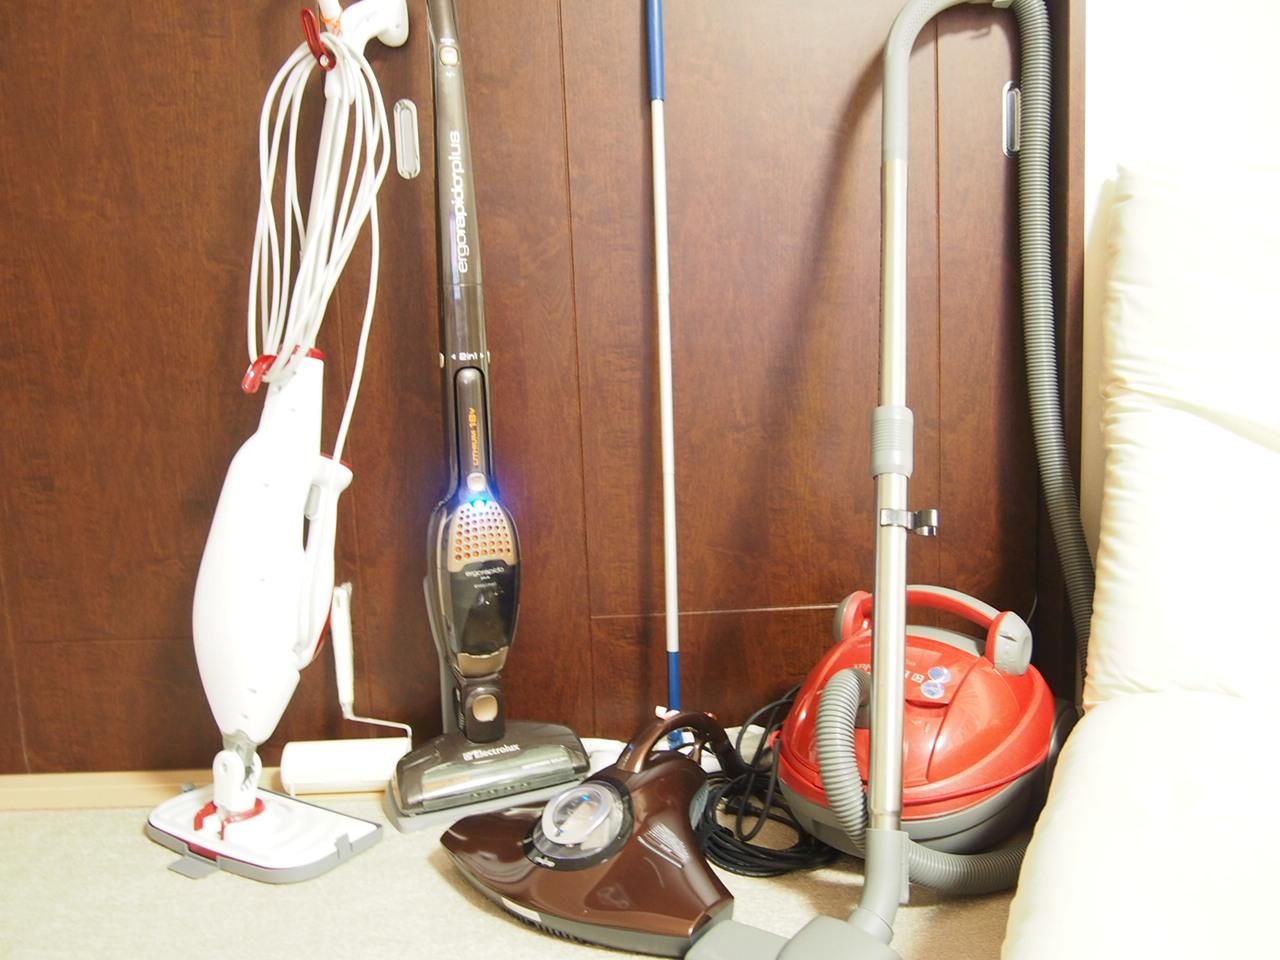 おすすめお掃除家電!エレクトロラックス掃除機とレイコップとスチームクリーナー